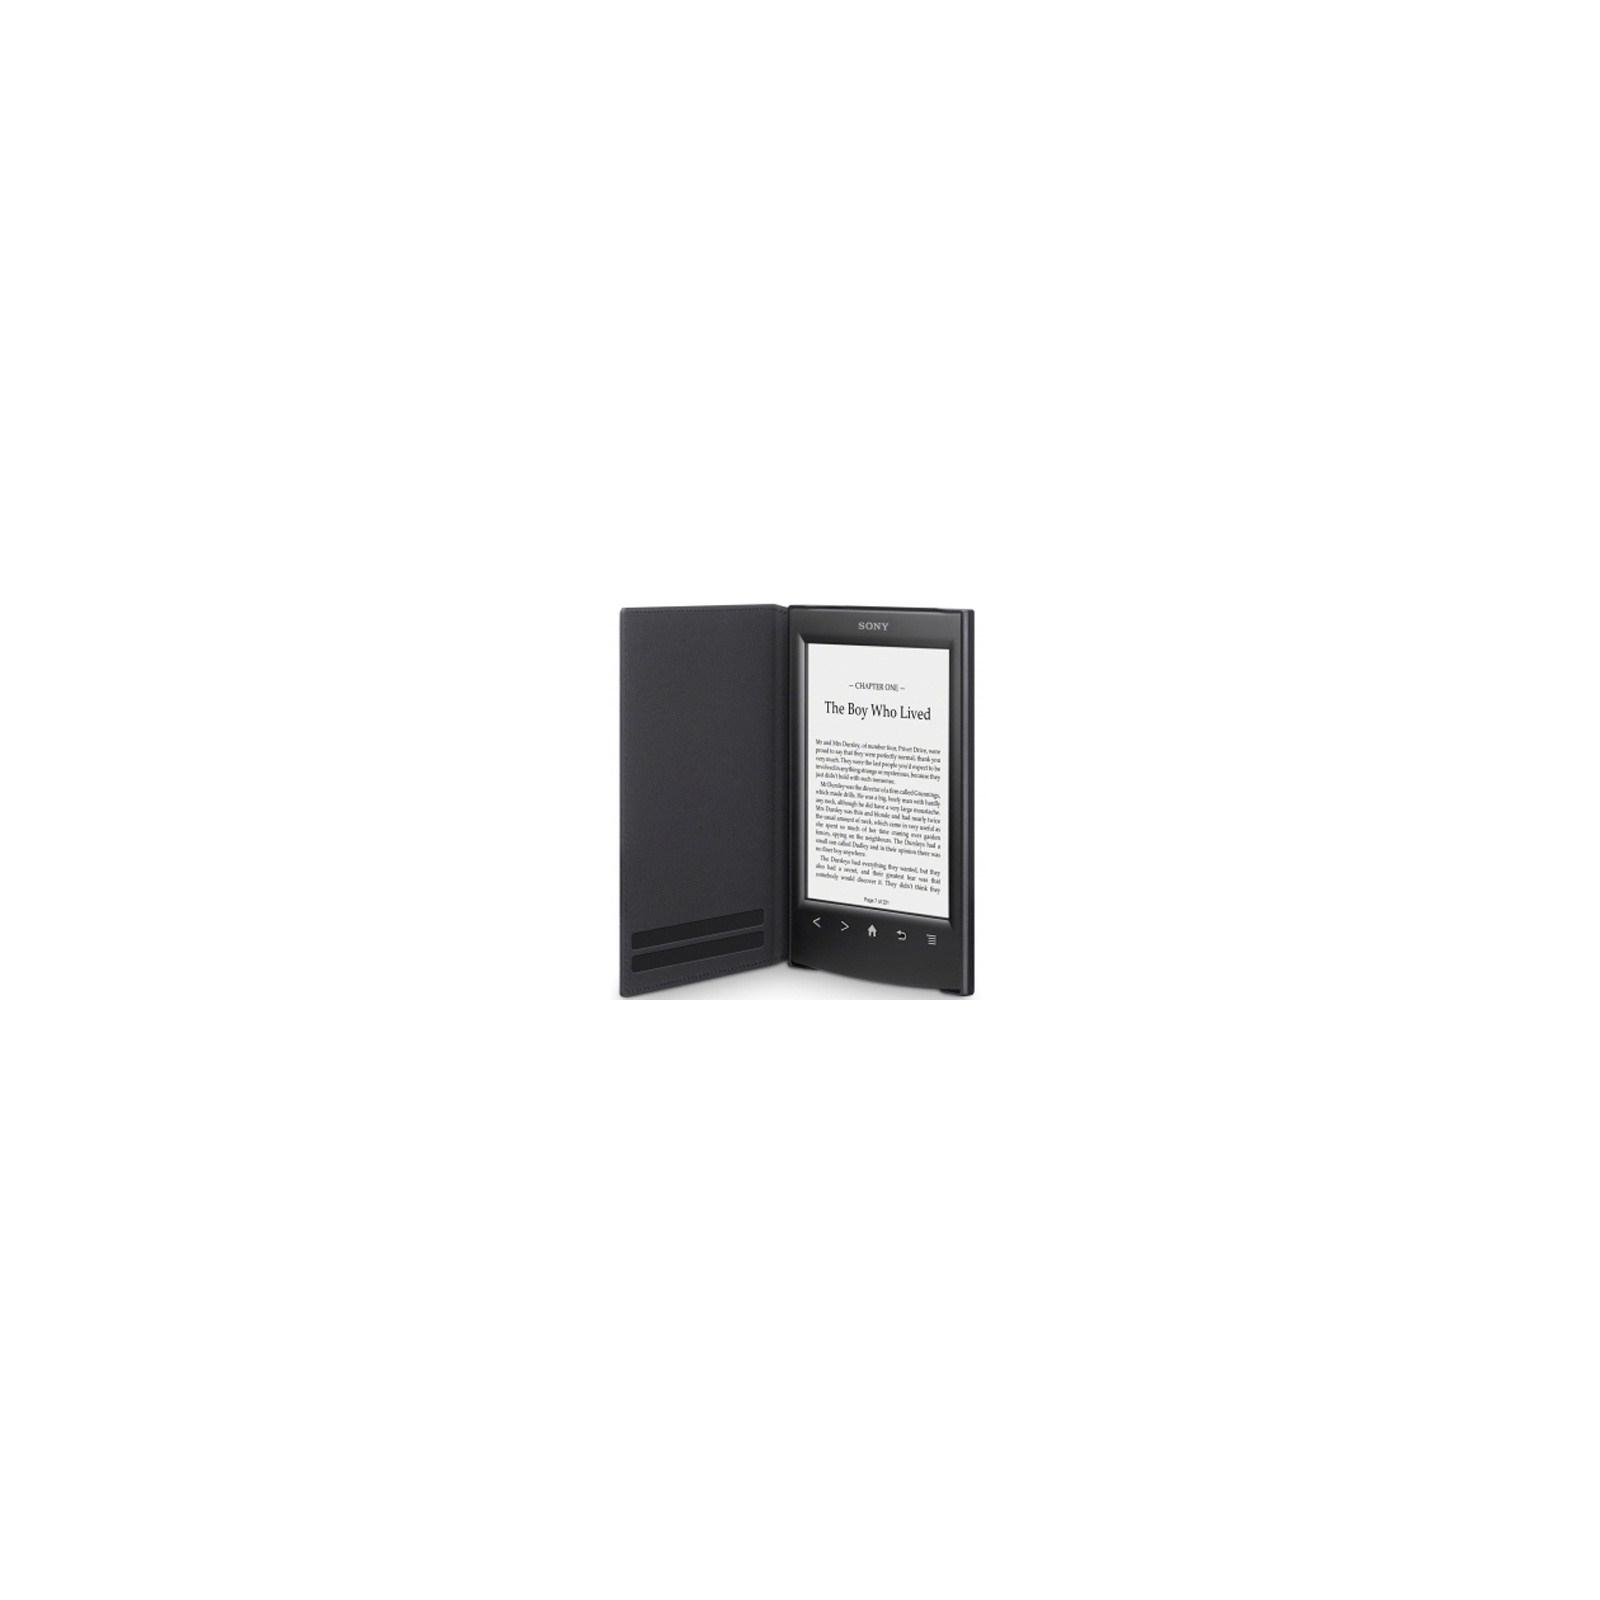 Чехол для электронной книги SONY SC22B black для PRS-T2 (PRSASC22B.WW) изображение 2